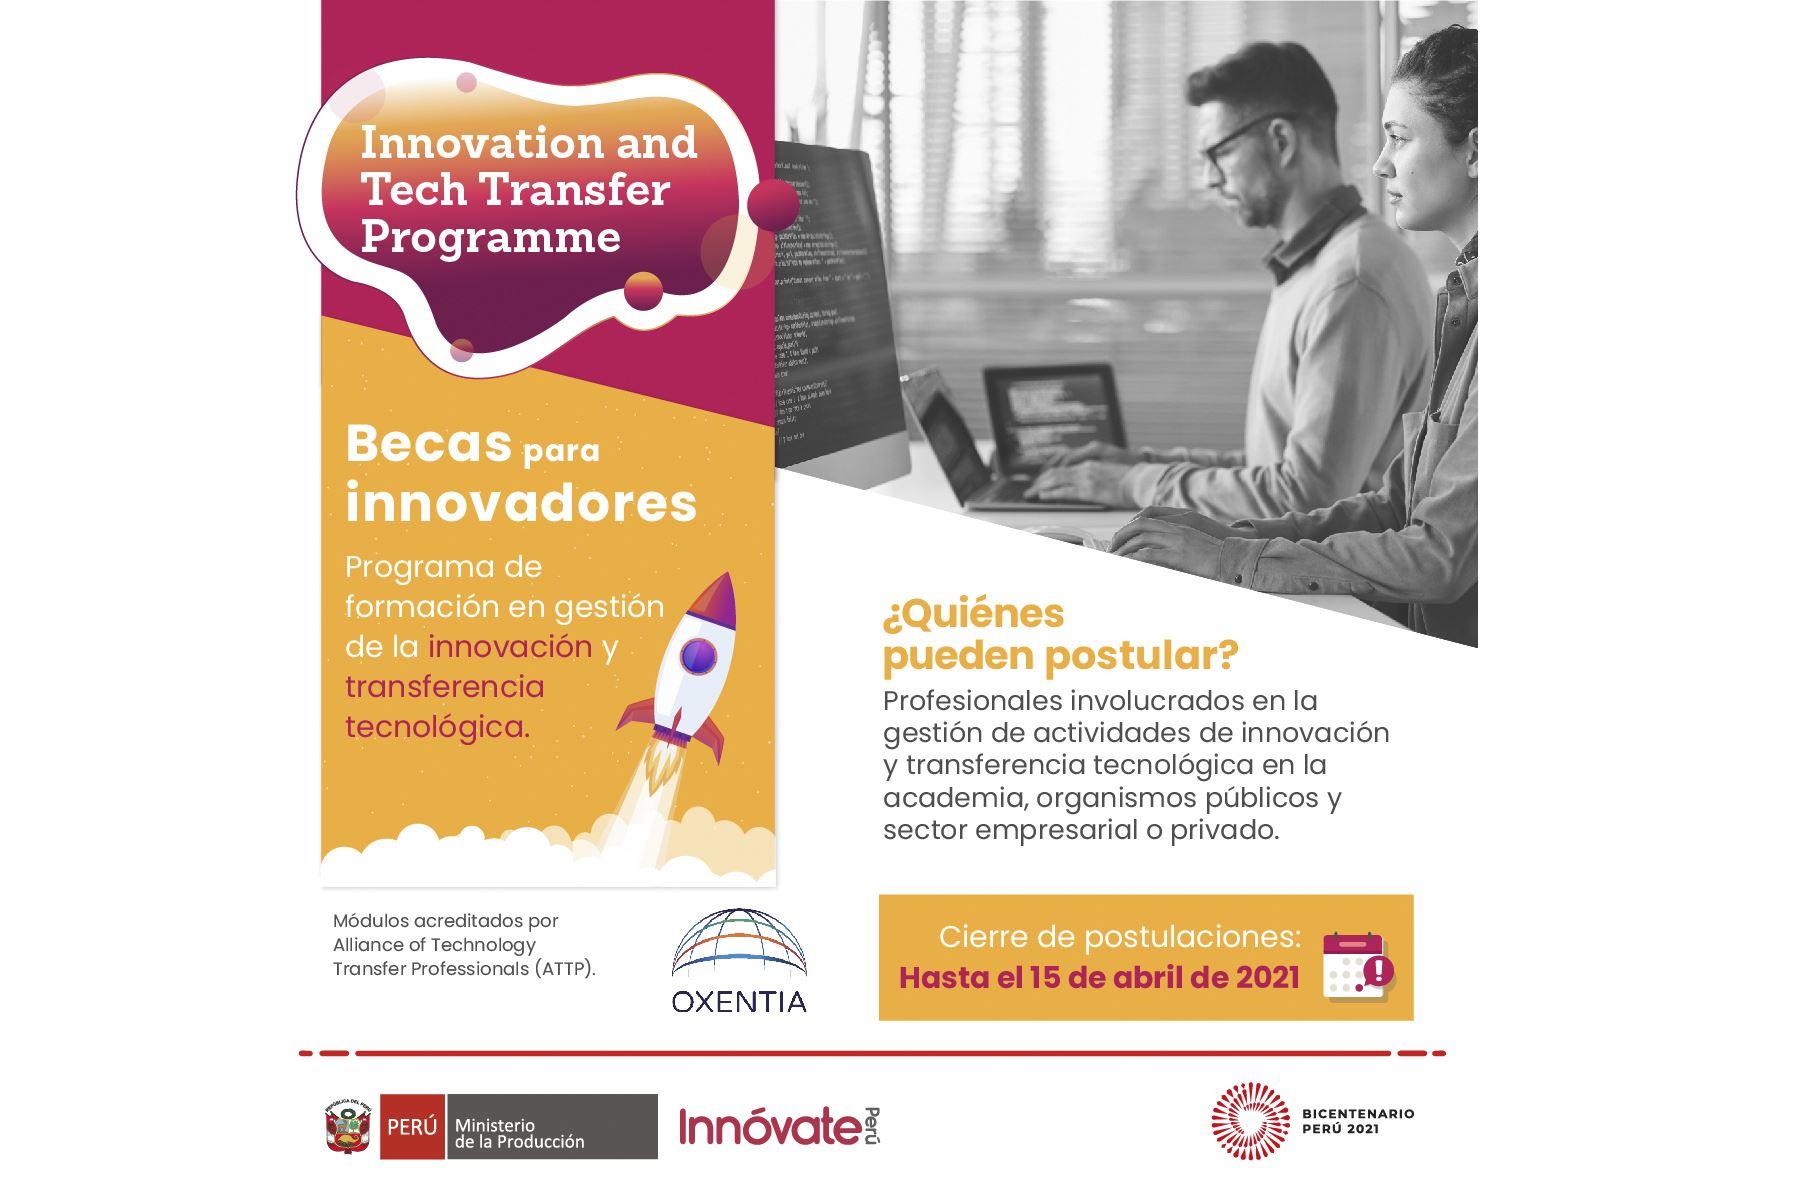 Innóvate Perú lanza becas al Programa de Innovación y Transferencia Tecnológica.